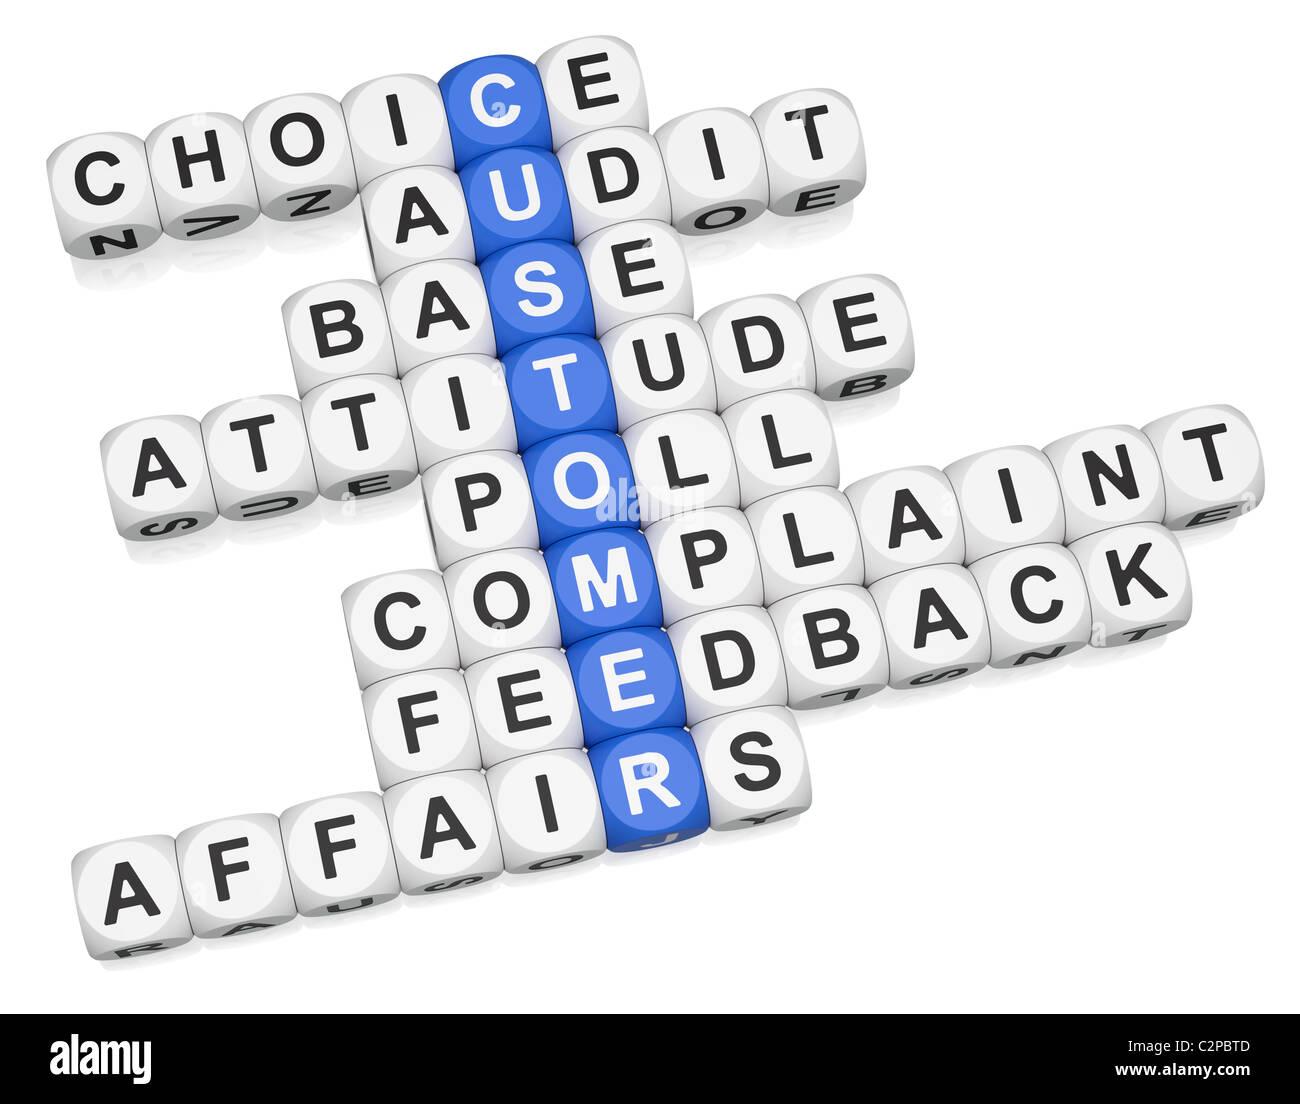 Asuntos de clientes crucigrama sobre fondo blanco. Imagen De Stock